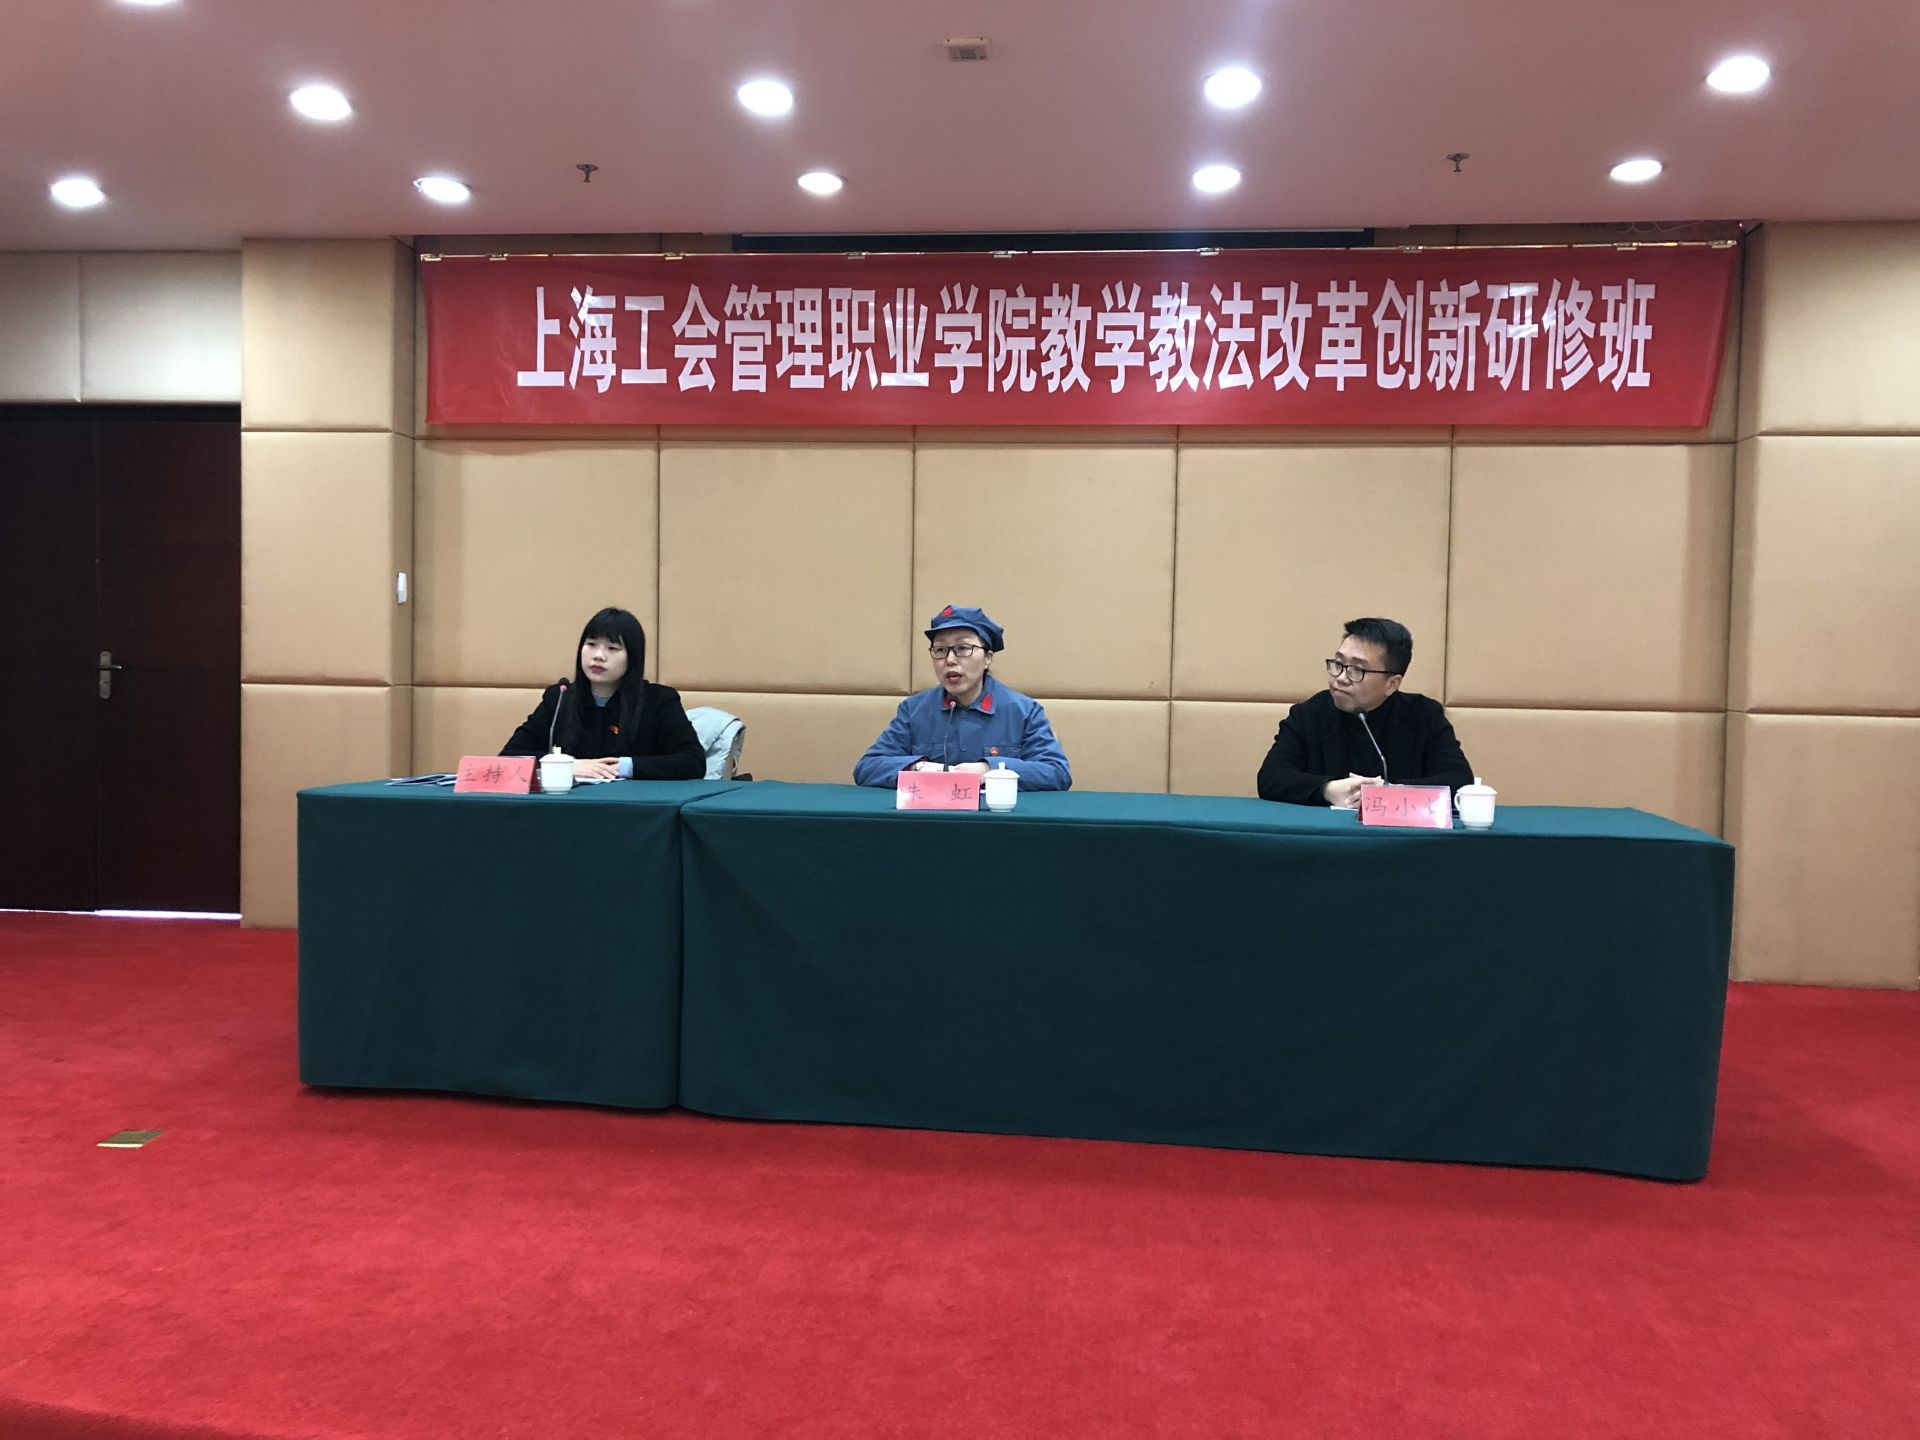 上海工会管理职业学院教学教法改革创新研修班